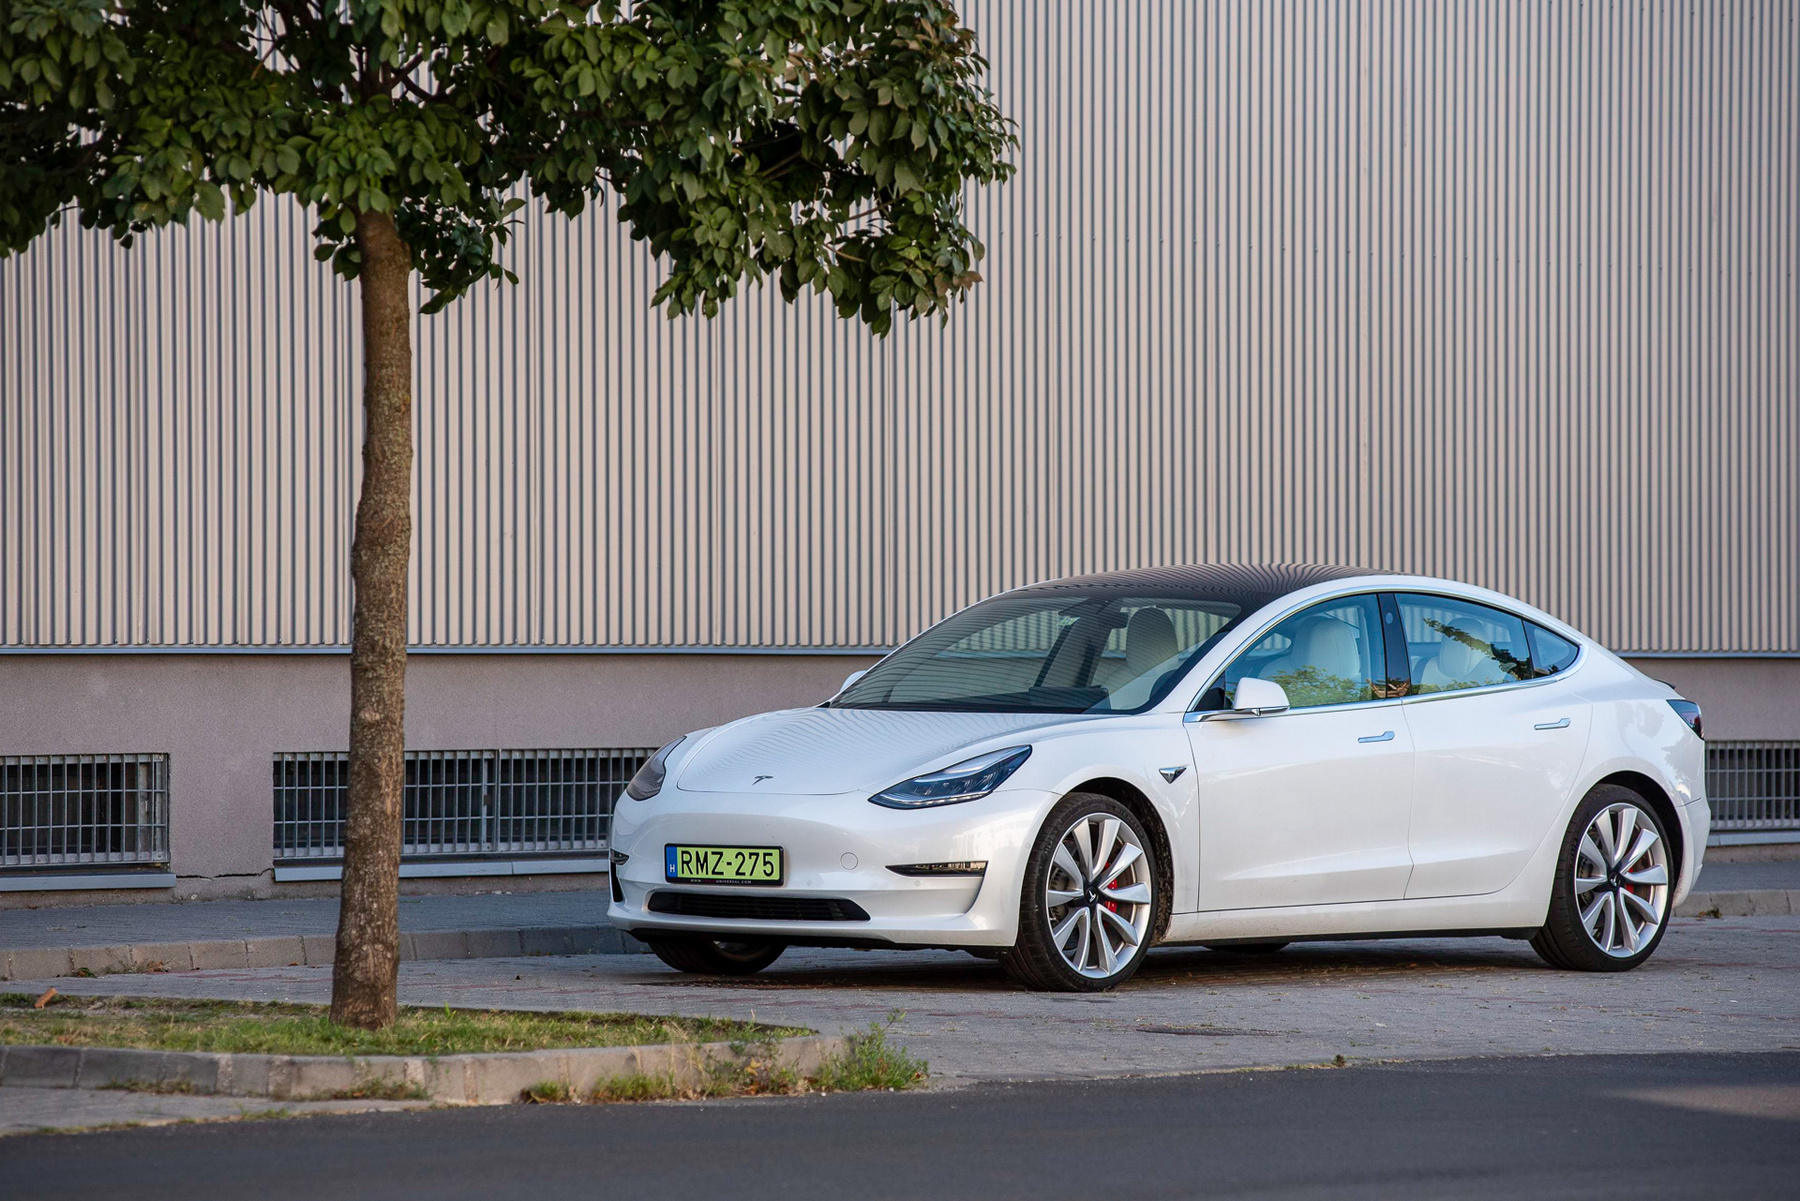 Bal oldal: így látszik a Tesla-appban a jármű. Beállíthatunk korlátozások, például, hogy a gyerek ne gyorsuljon 260-re a Váci úton. A jobb oldal a Hungaroringi log. 199-re gyorsult az özönvízben a féktáv előtt, az elég komoly.